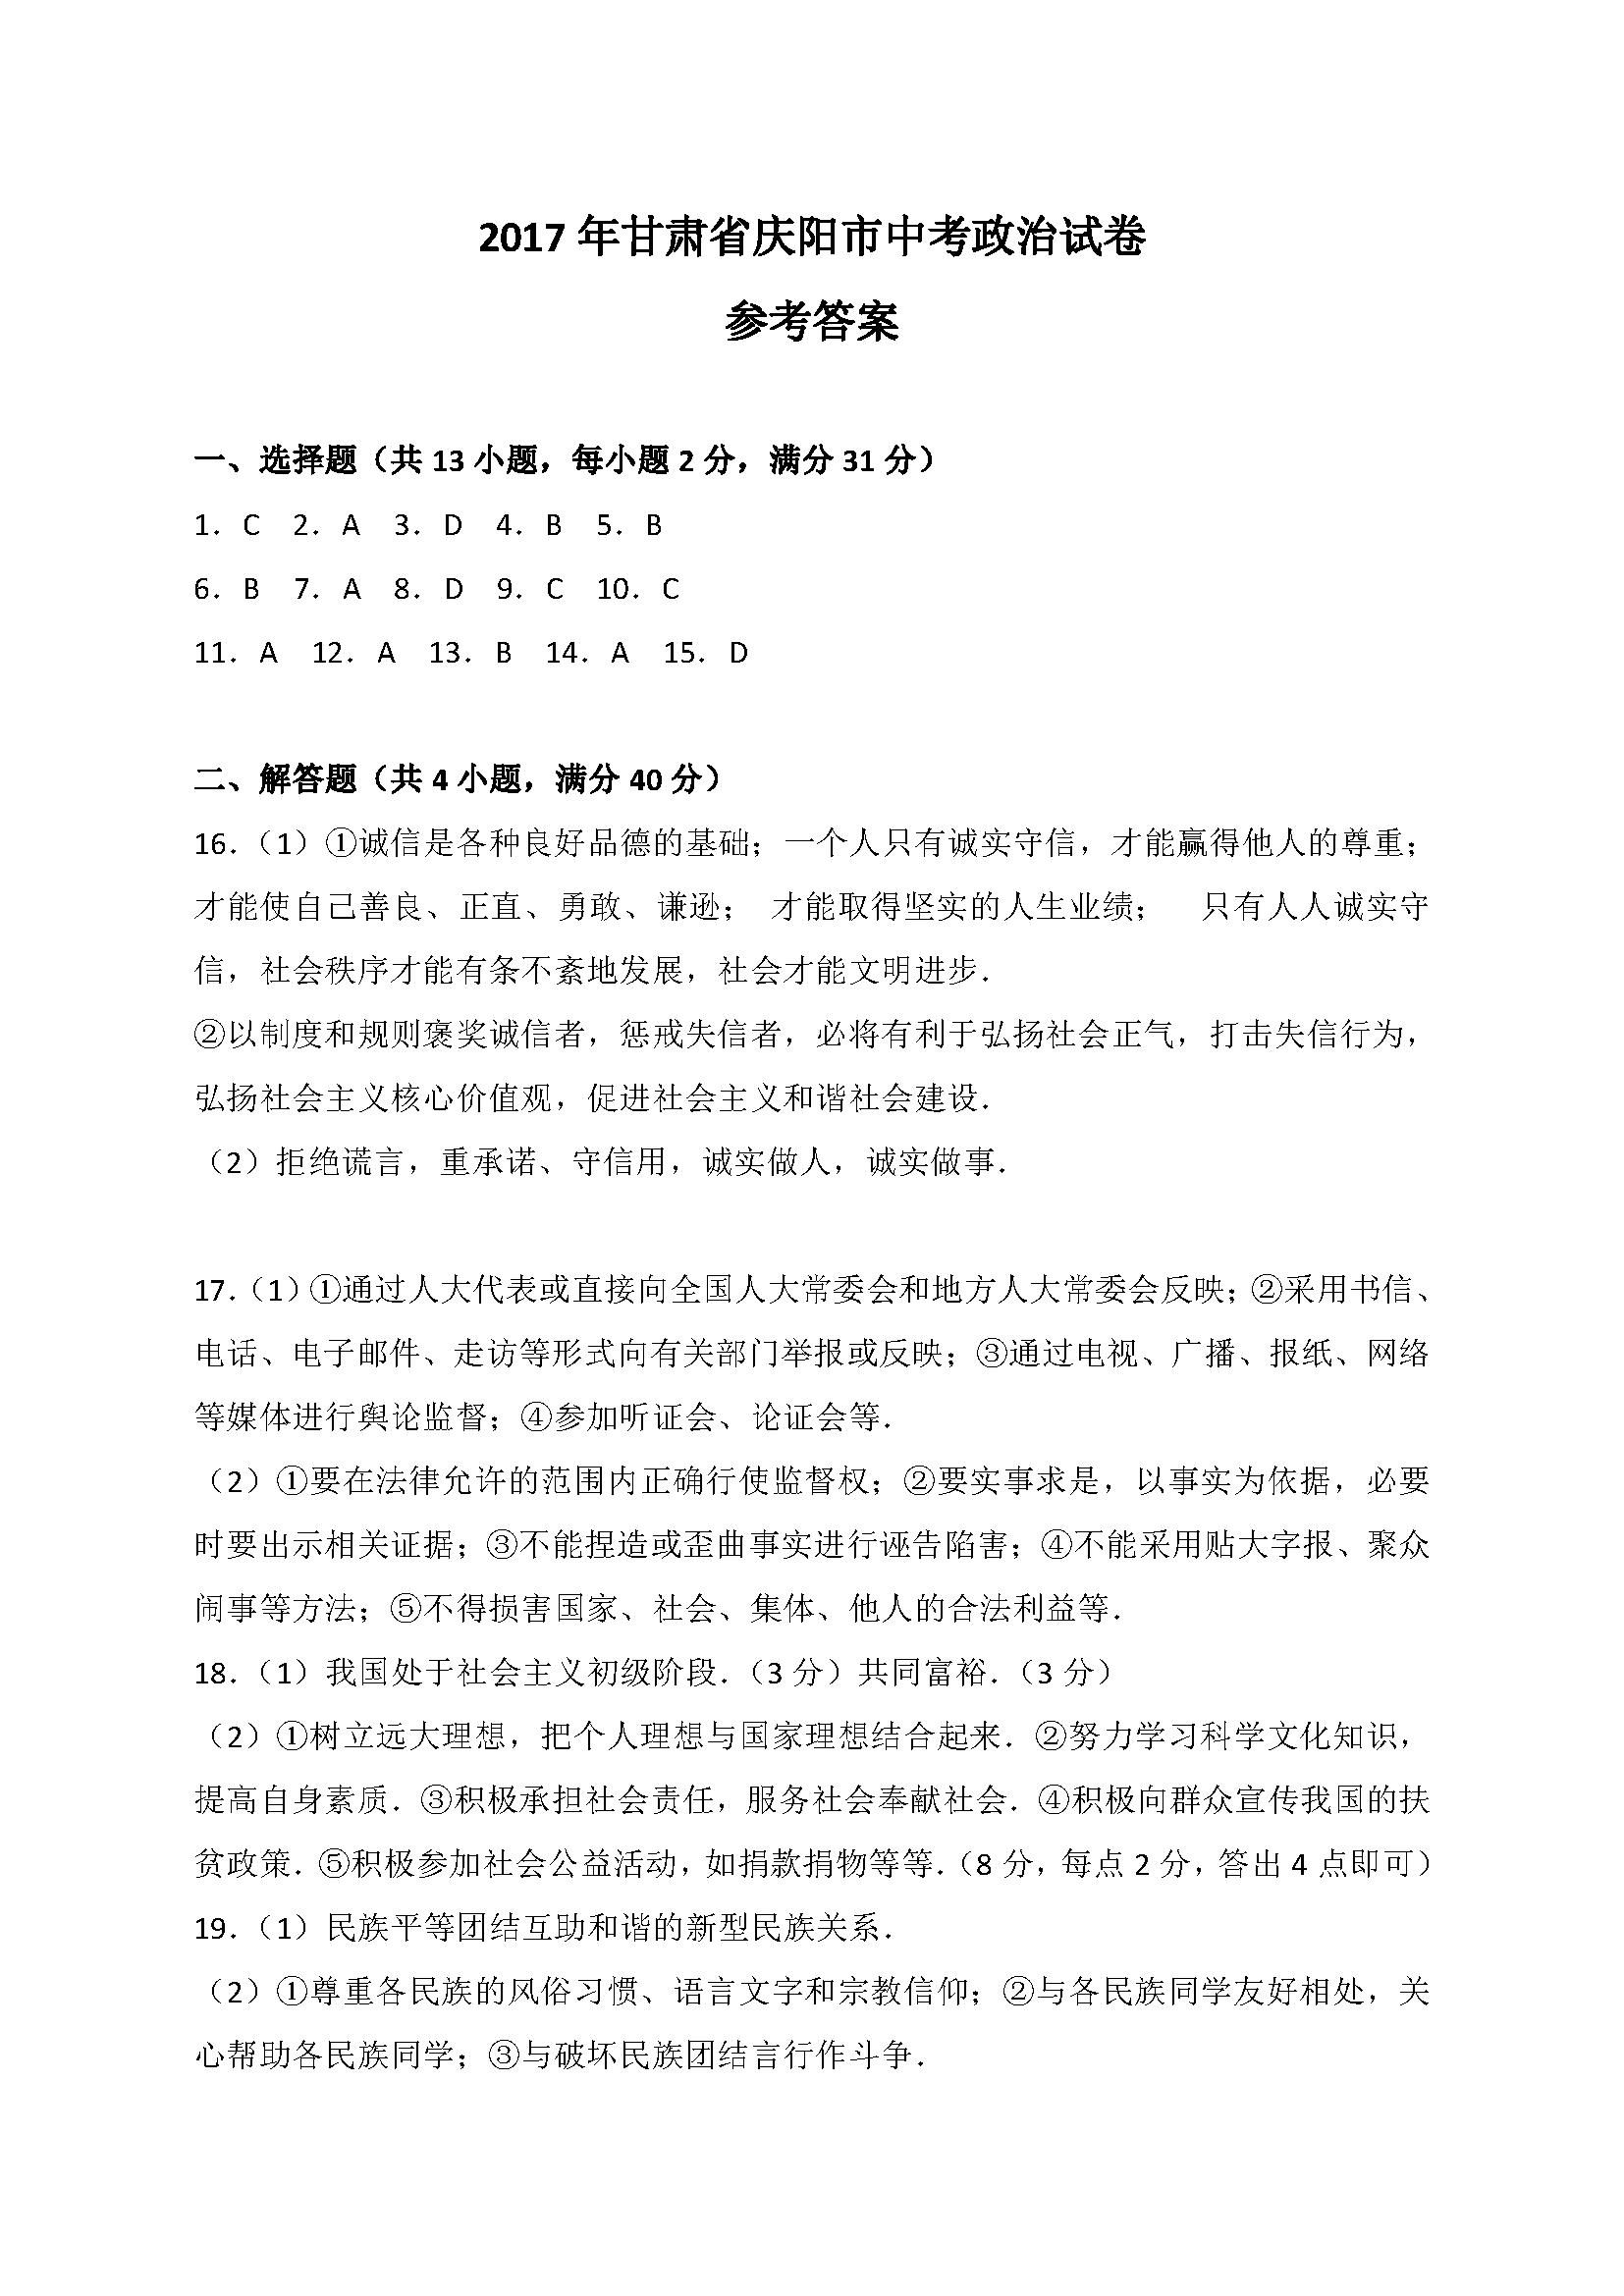 甘肃庆阳2017中考思想品德试题答案(图片版)